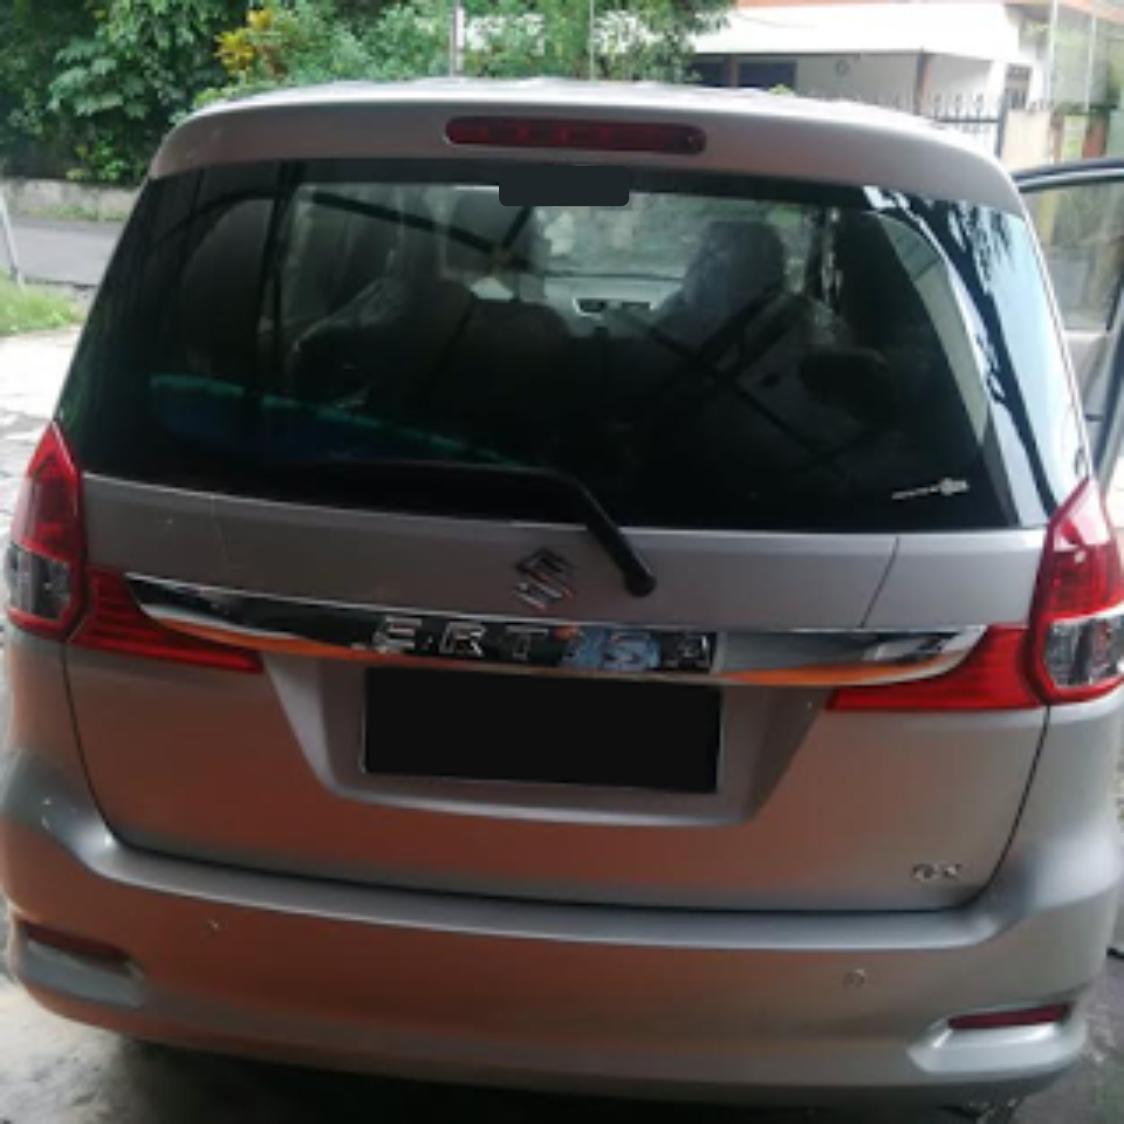 Pelindung Radiator Grand New Avanza Kelebihan All Yaris Trd Sportivo Cat Mobil Ertiga Jogja